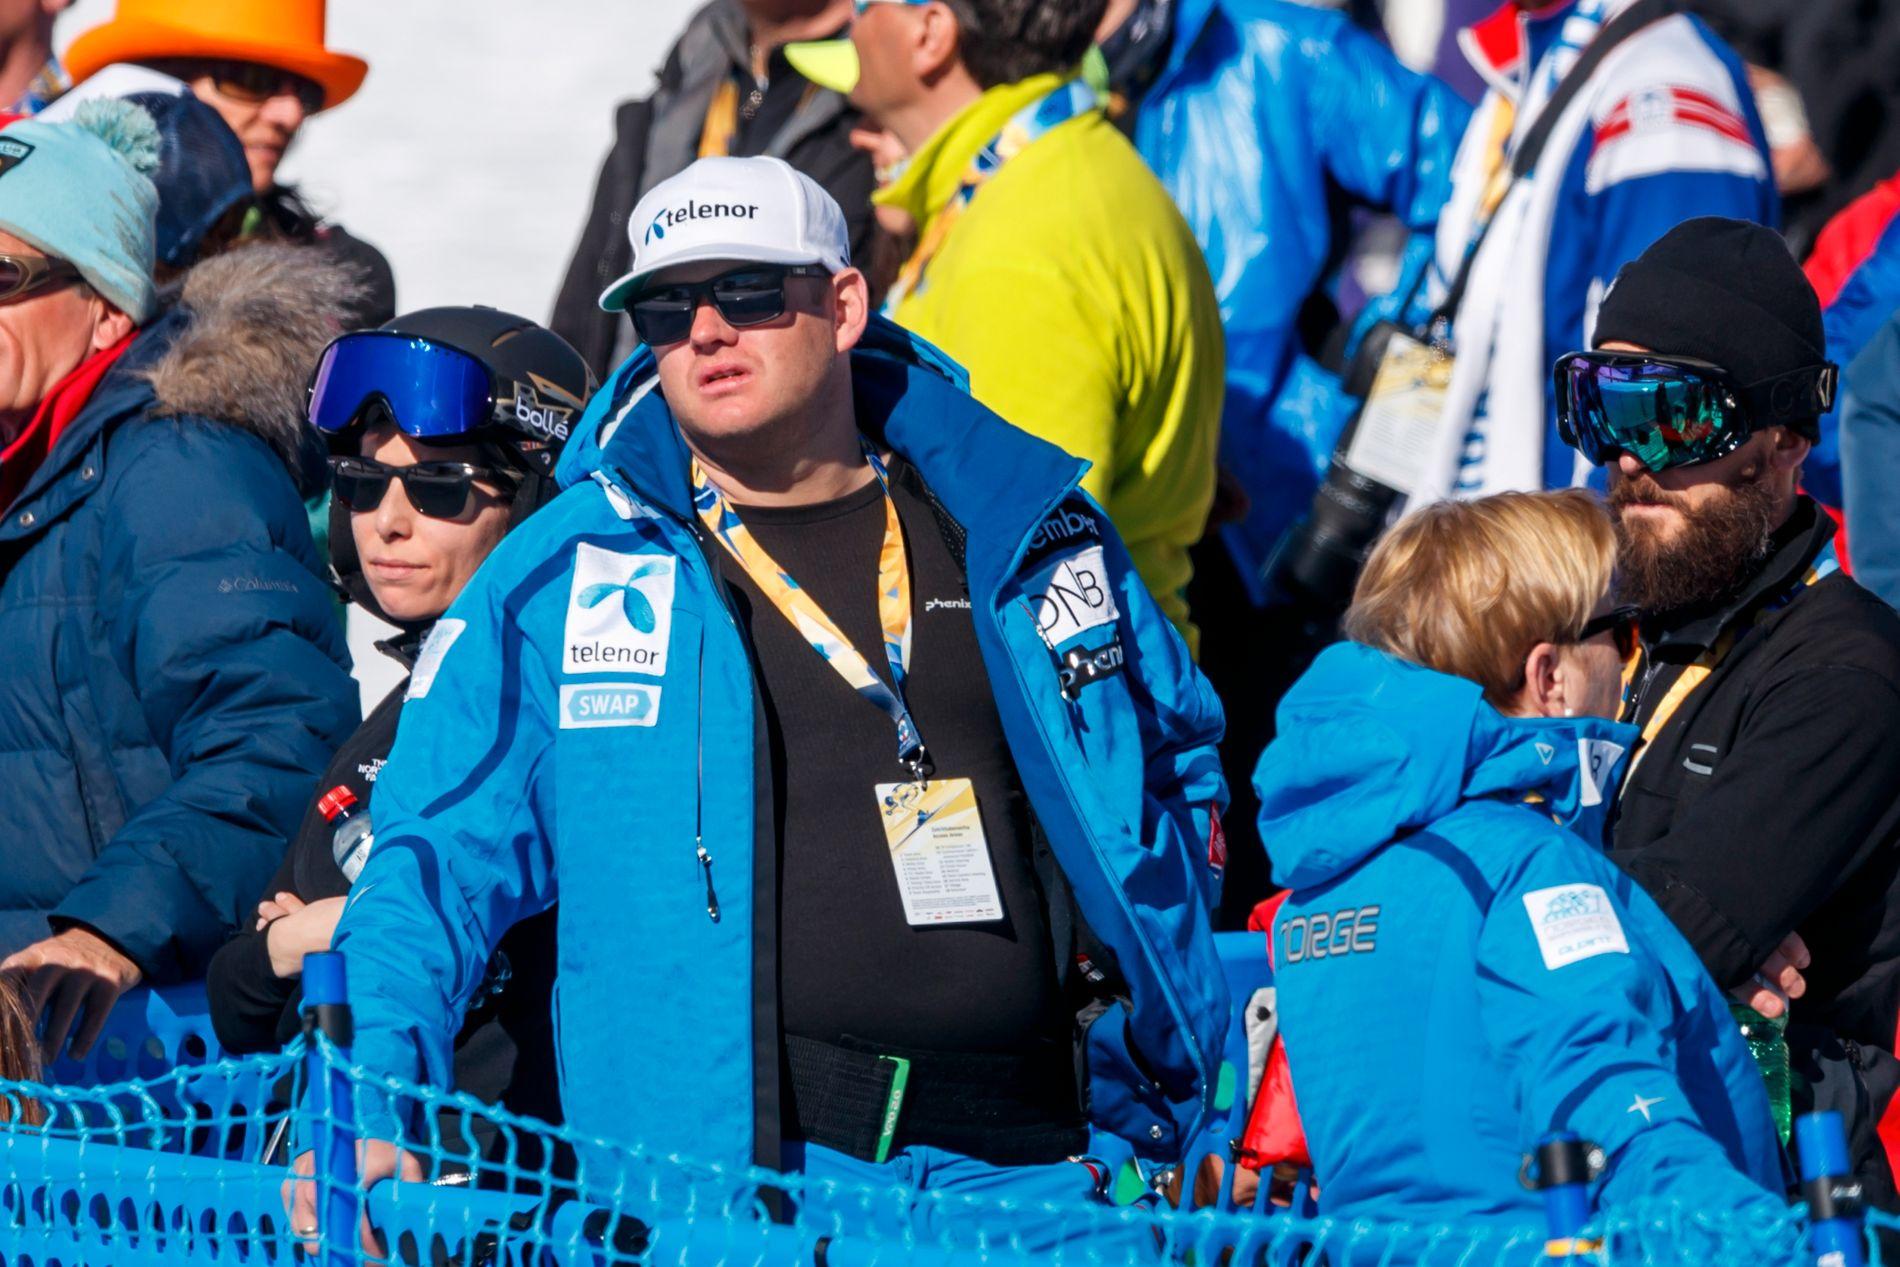 FERDIG I JOBBEN: John Olav Evans, her fra alpin-VM i St. Moritz i februar, har forlatt jobben som sponsorsjef for alpinlandslaget i skiforbundet.